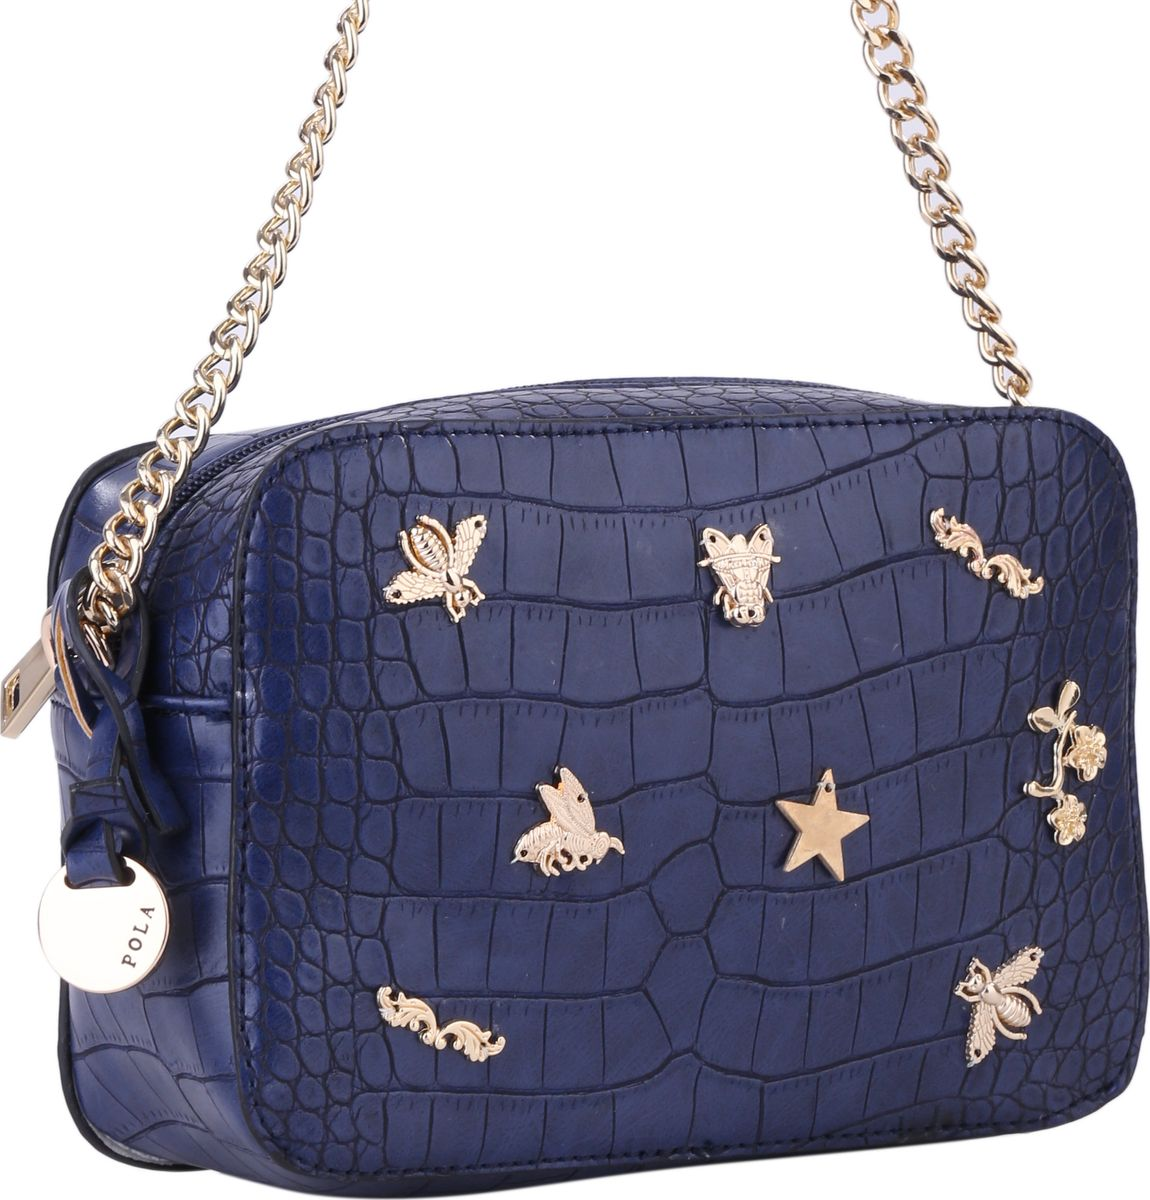 Сумка женская Pola, цвет: синий. 64445BM8434-58AEНебольшая женская сумка на плечо Pola выполнена из экокожи с имитацией под рептилию. Основное отделение закрывается на молнию, внутри которого небольшой карман на молнии. Плечевой ремень несъемный, регулируется по длине, максимальная высота 65 см. Спереди сумка декорирована металлическими фигурками в виде насекомых и цветочных узоров. Цвет фурнитуры - золото.